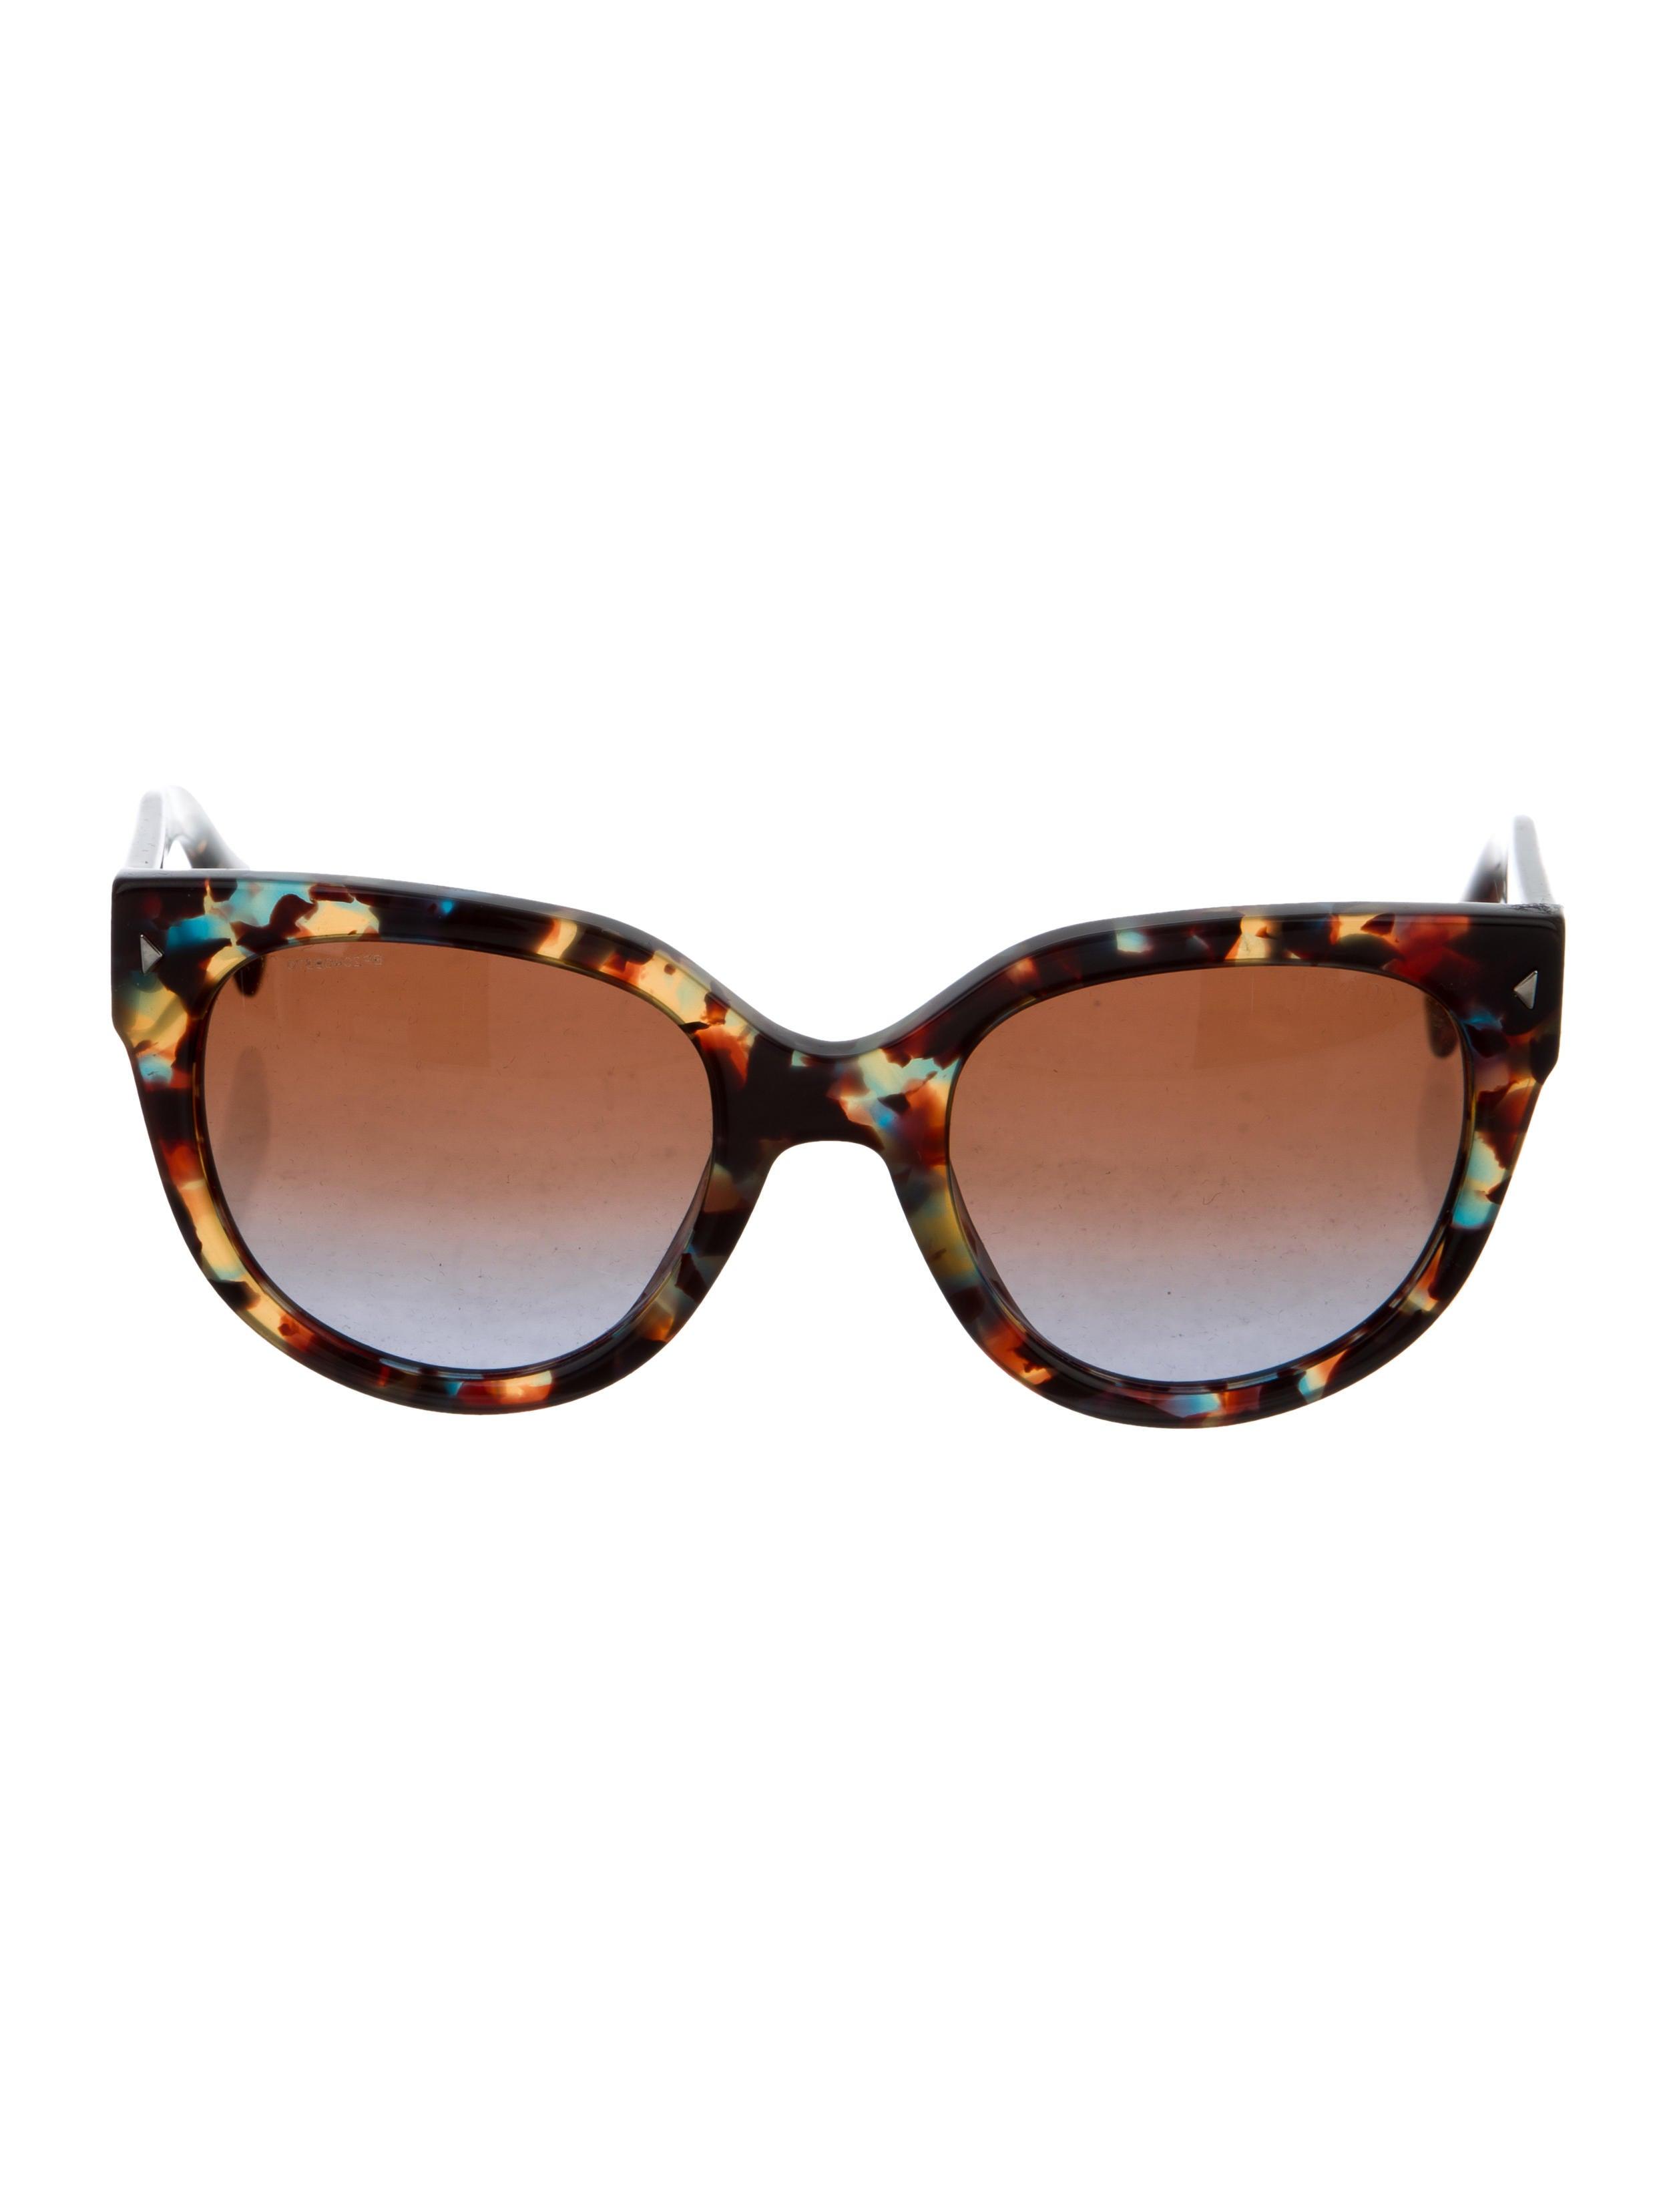 58c5eec9793 Prada Tortoiseshell Cat-Eye Sunglasses - Accessories - PRA186014 ...